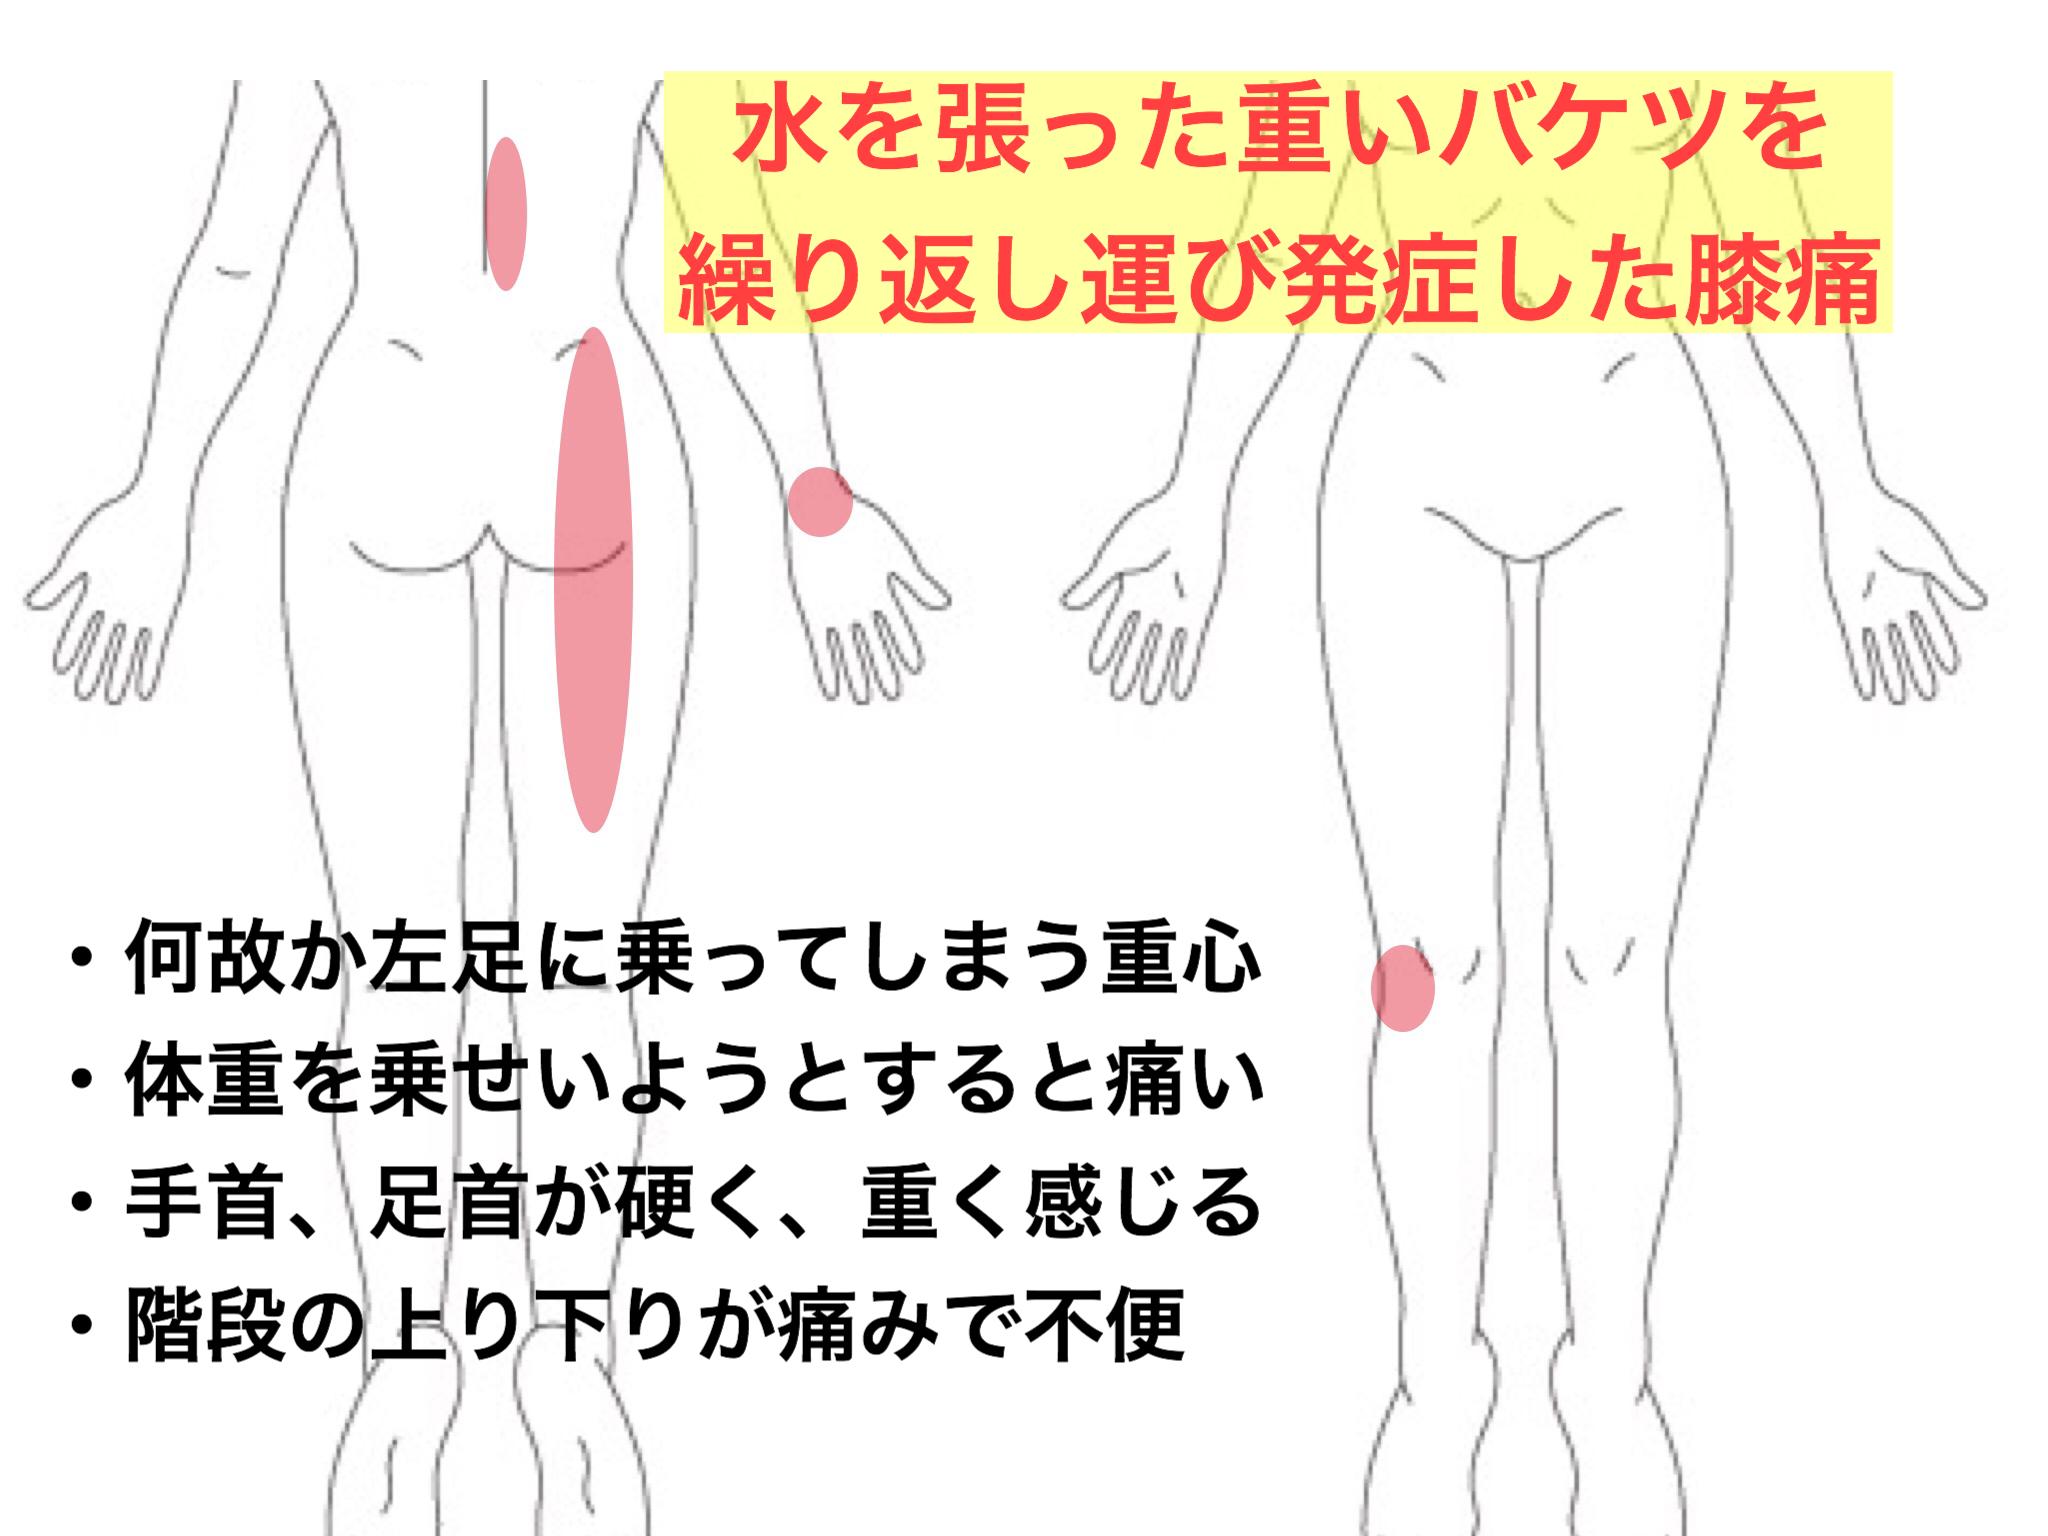 バケツを繰り返し運び発症した膝痛